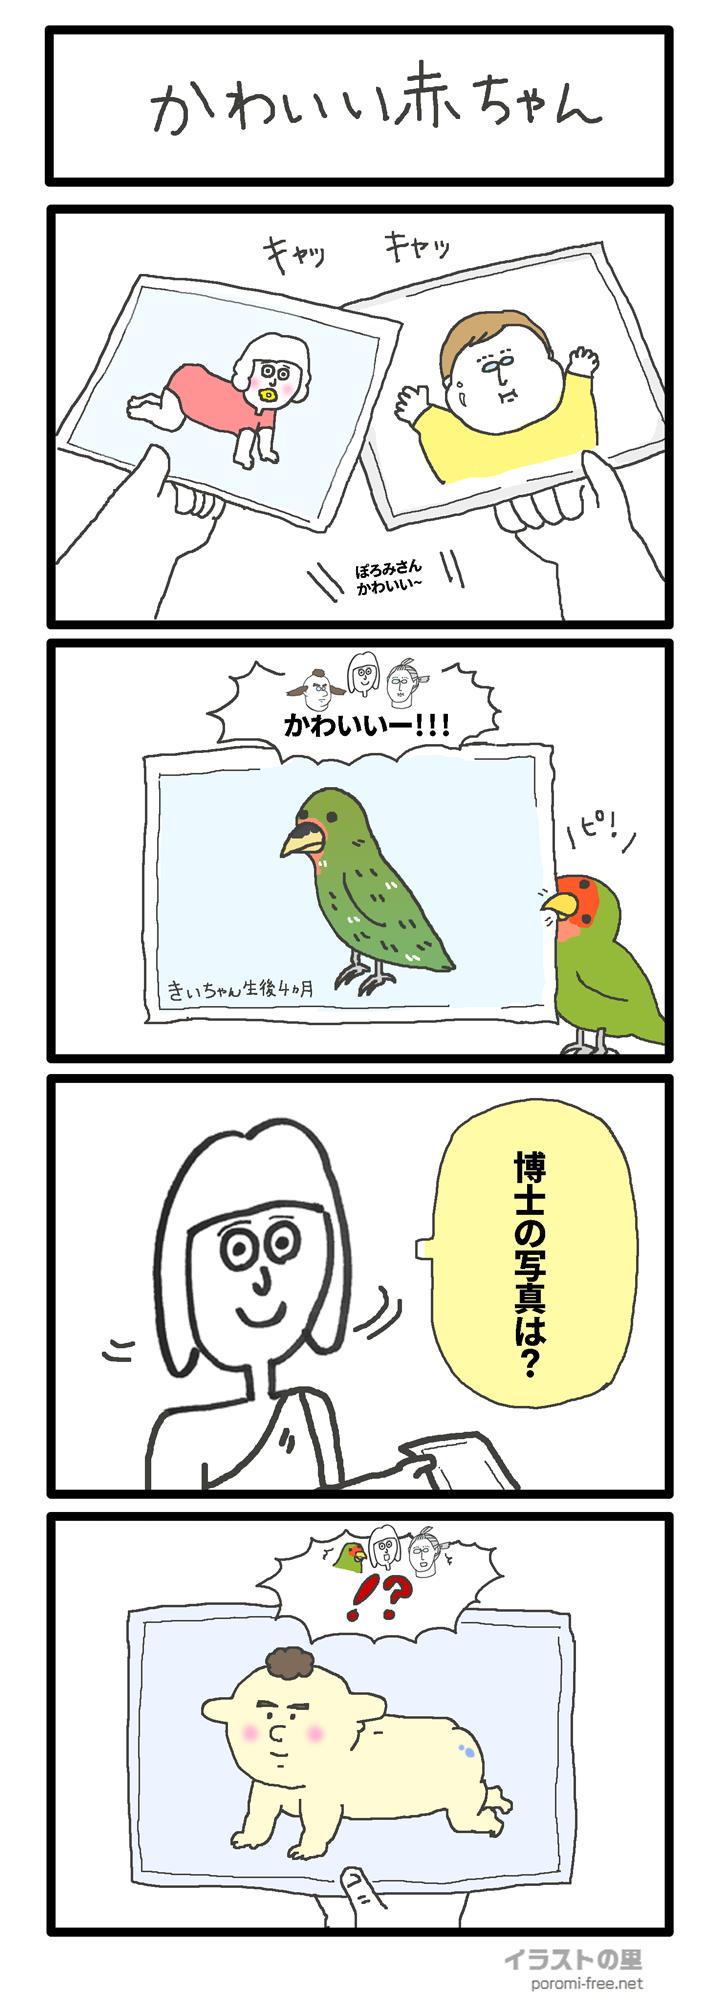 四コマ漫画「かわいい赤ちゃん」